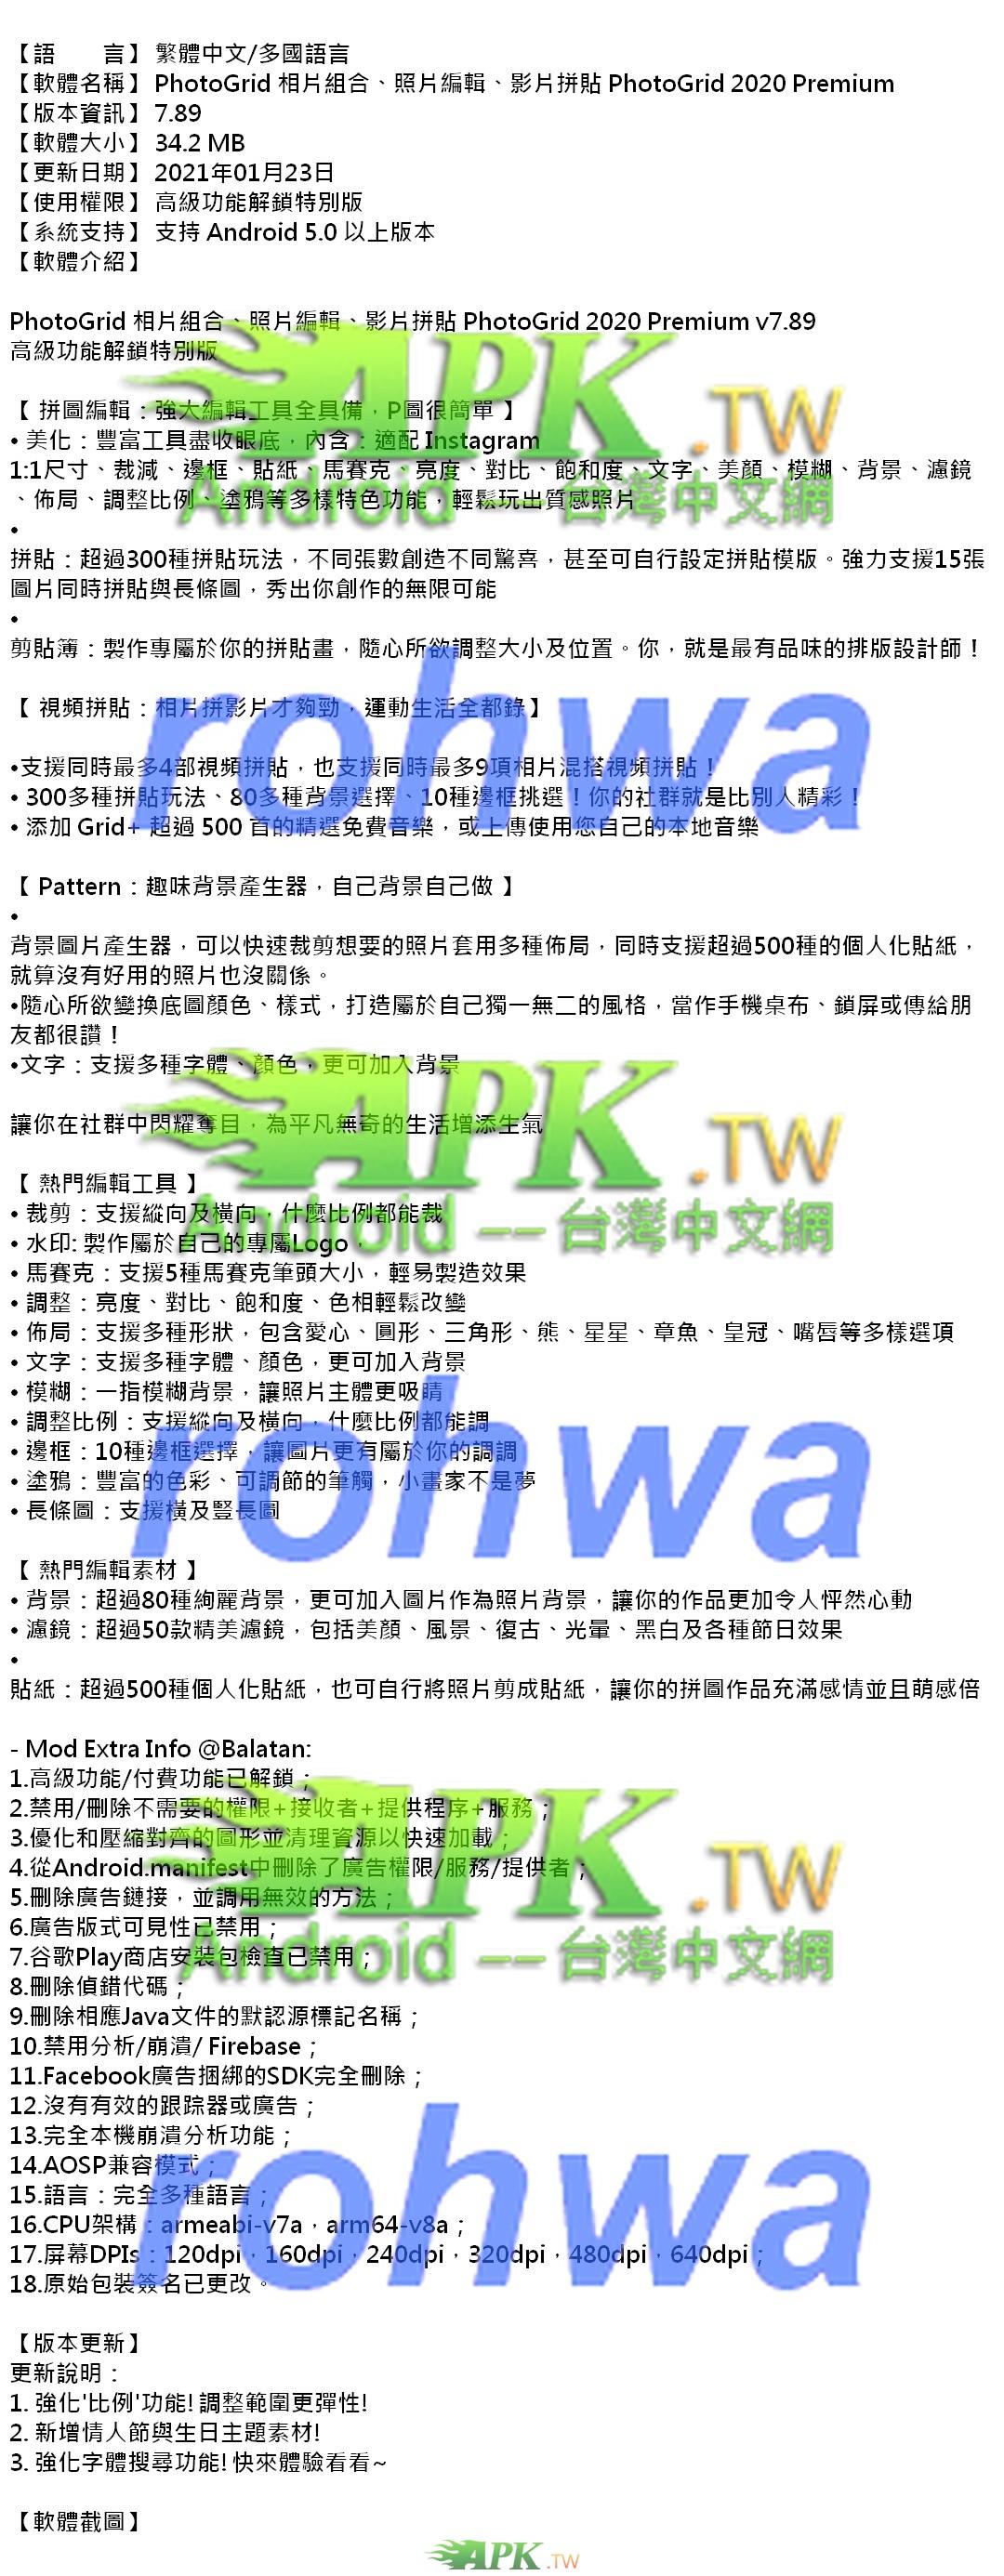 PhotoGrid_Premium_7.89_.jpg